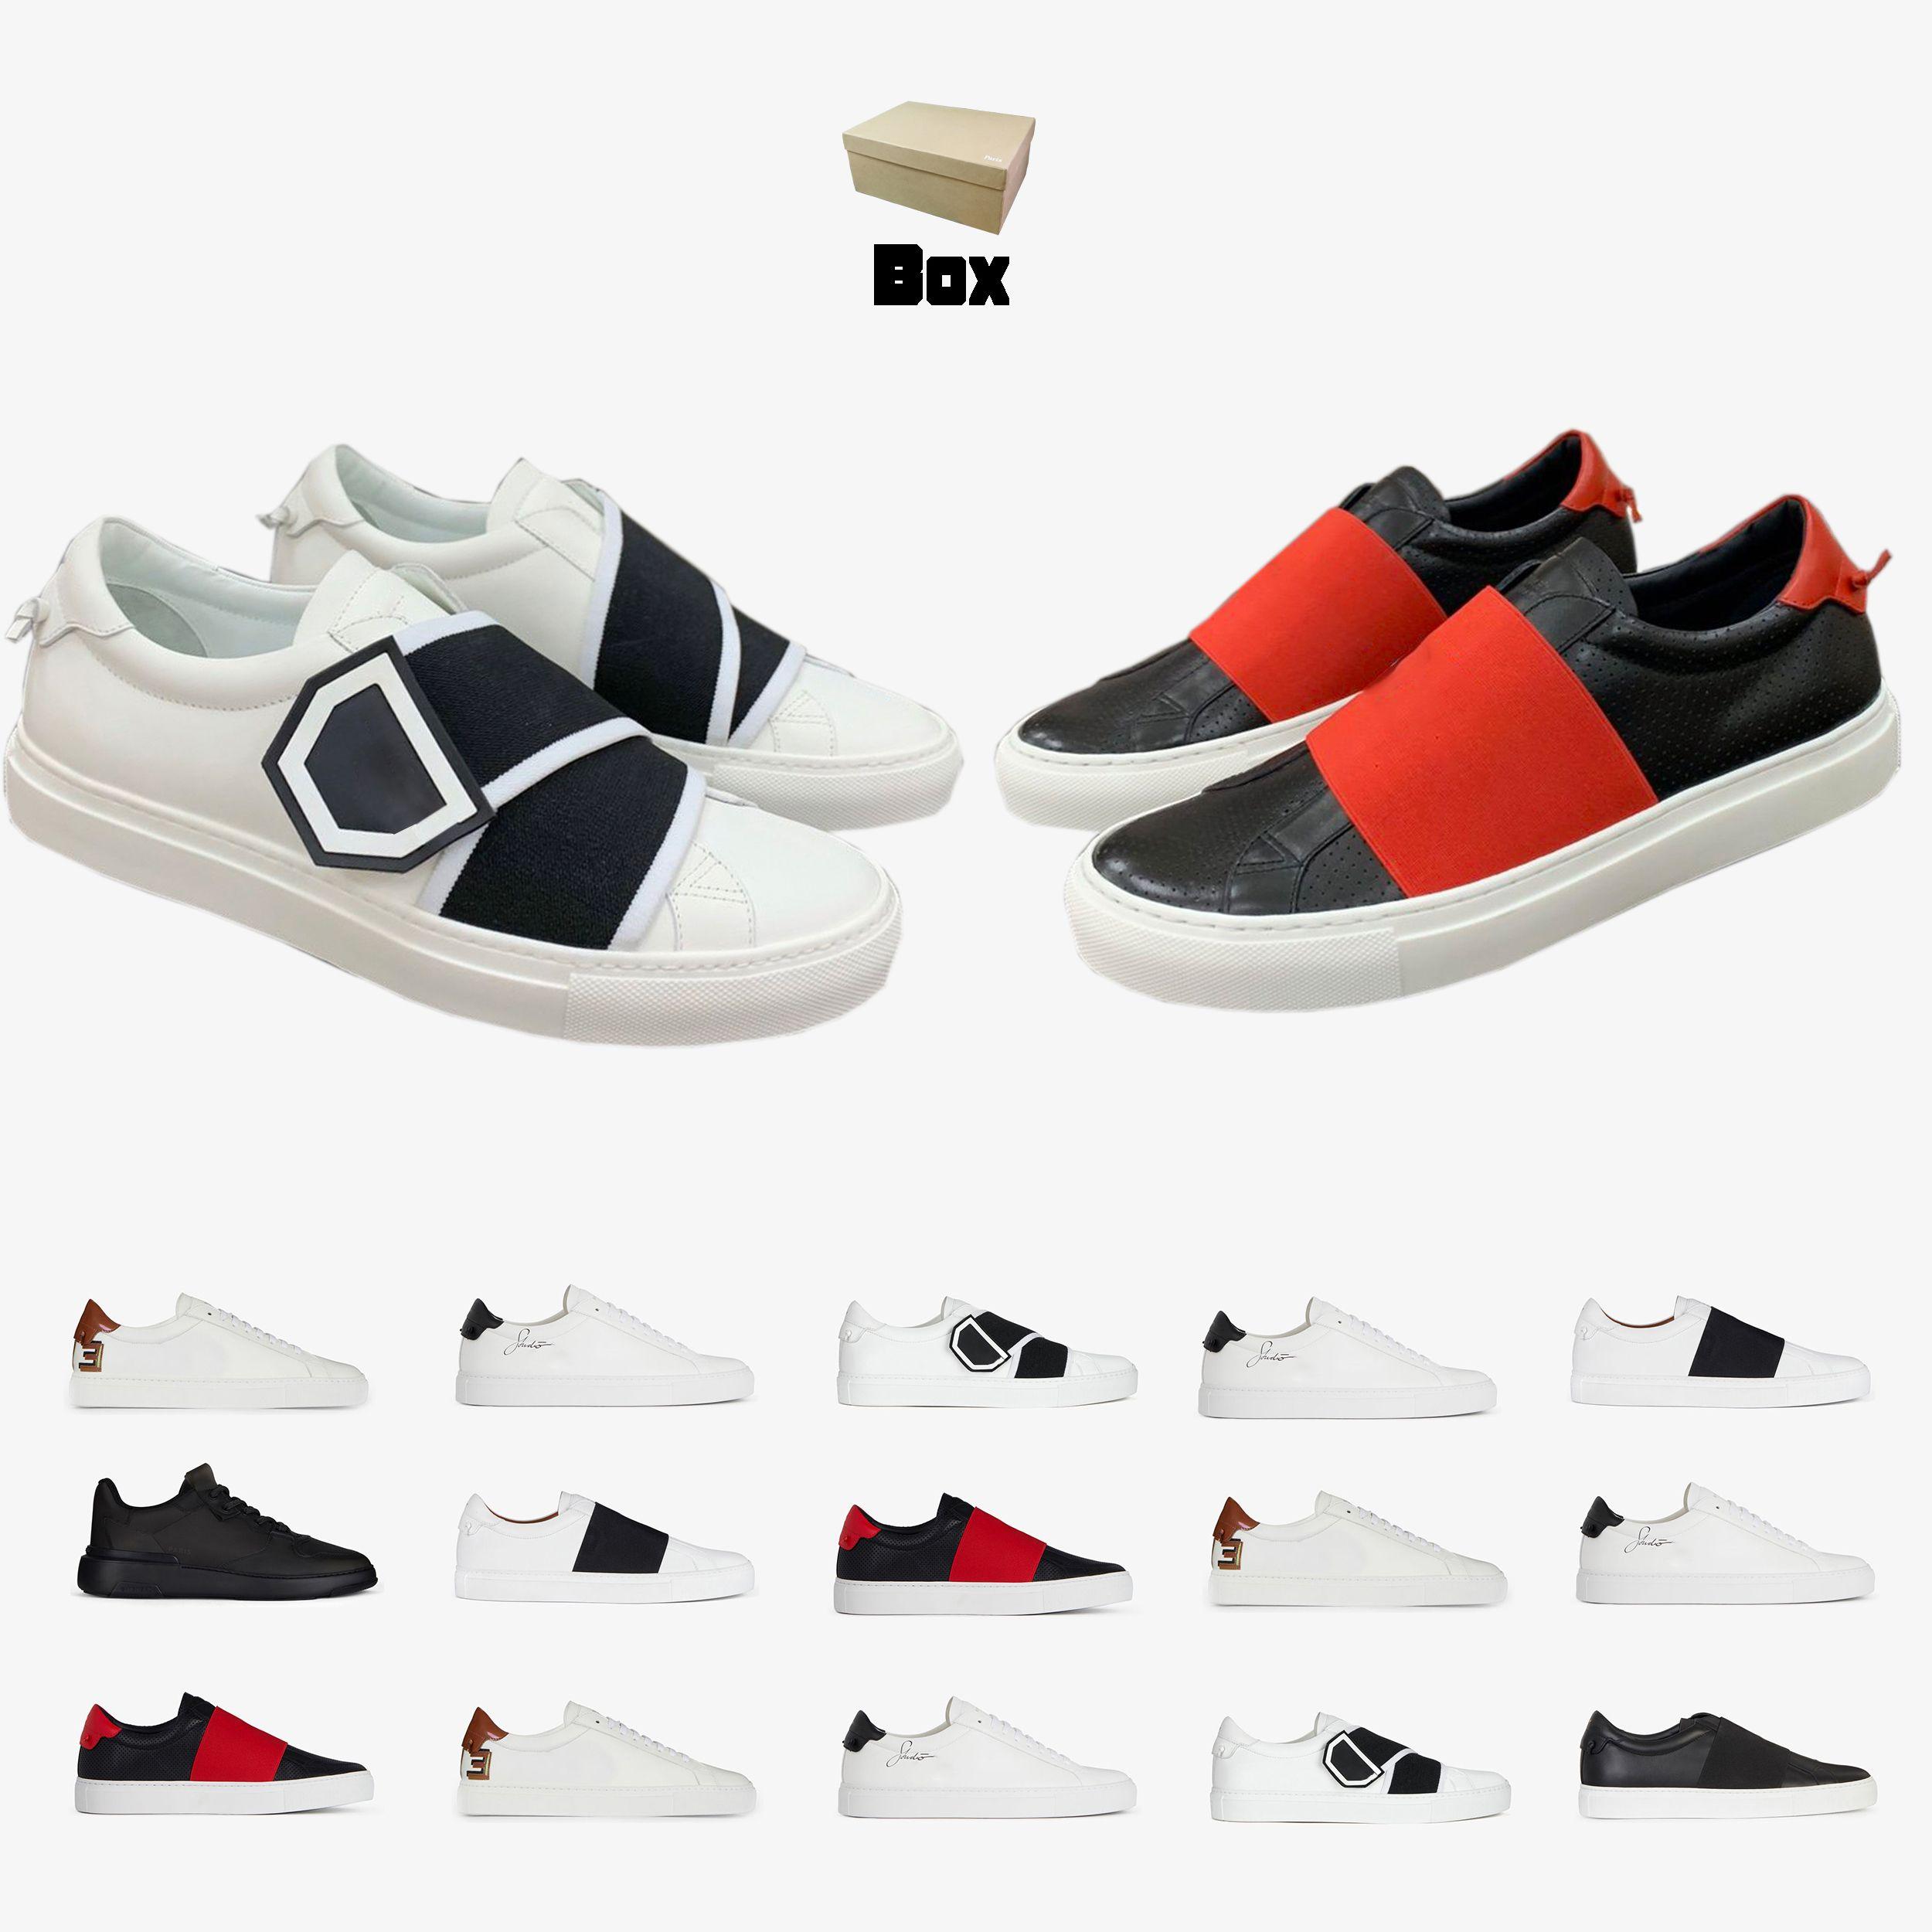 Luxurys Designers sapatos sapatilhas baixo plataforma homens treinadores corredor skate triplo branco sneaker esportivo preto 0402